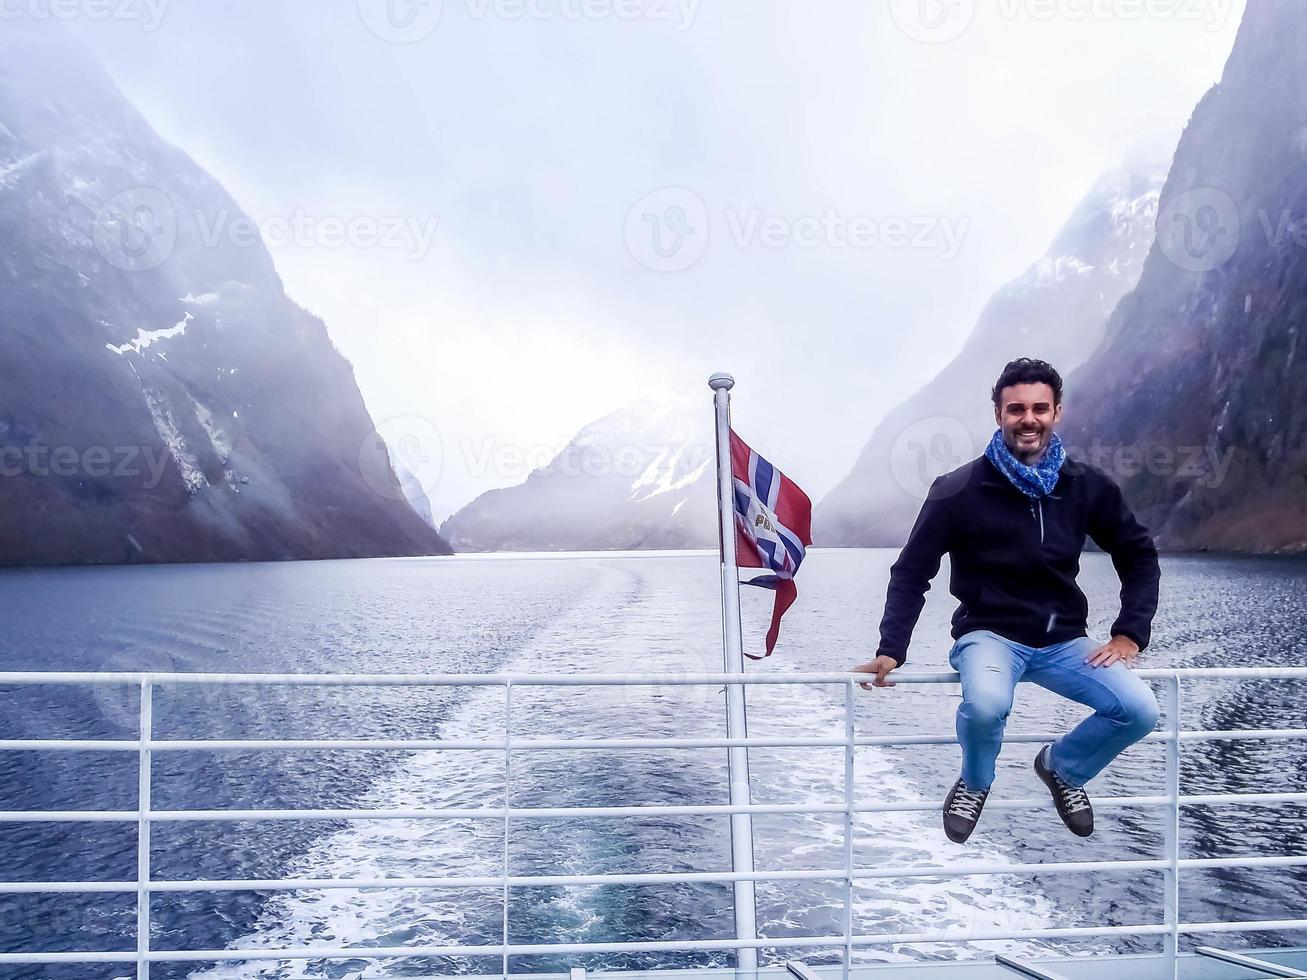 slenteren in noorwegen foto